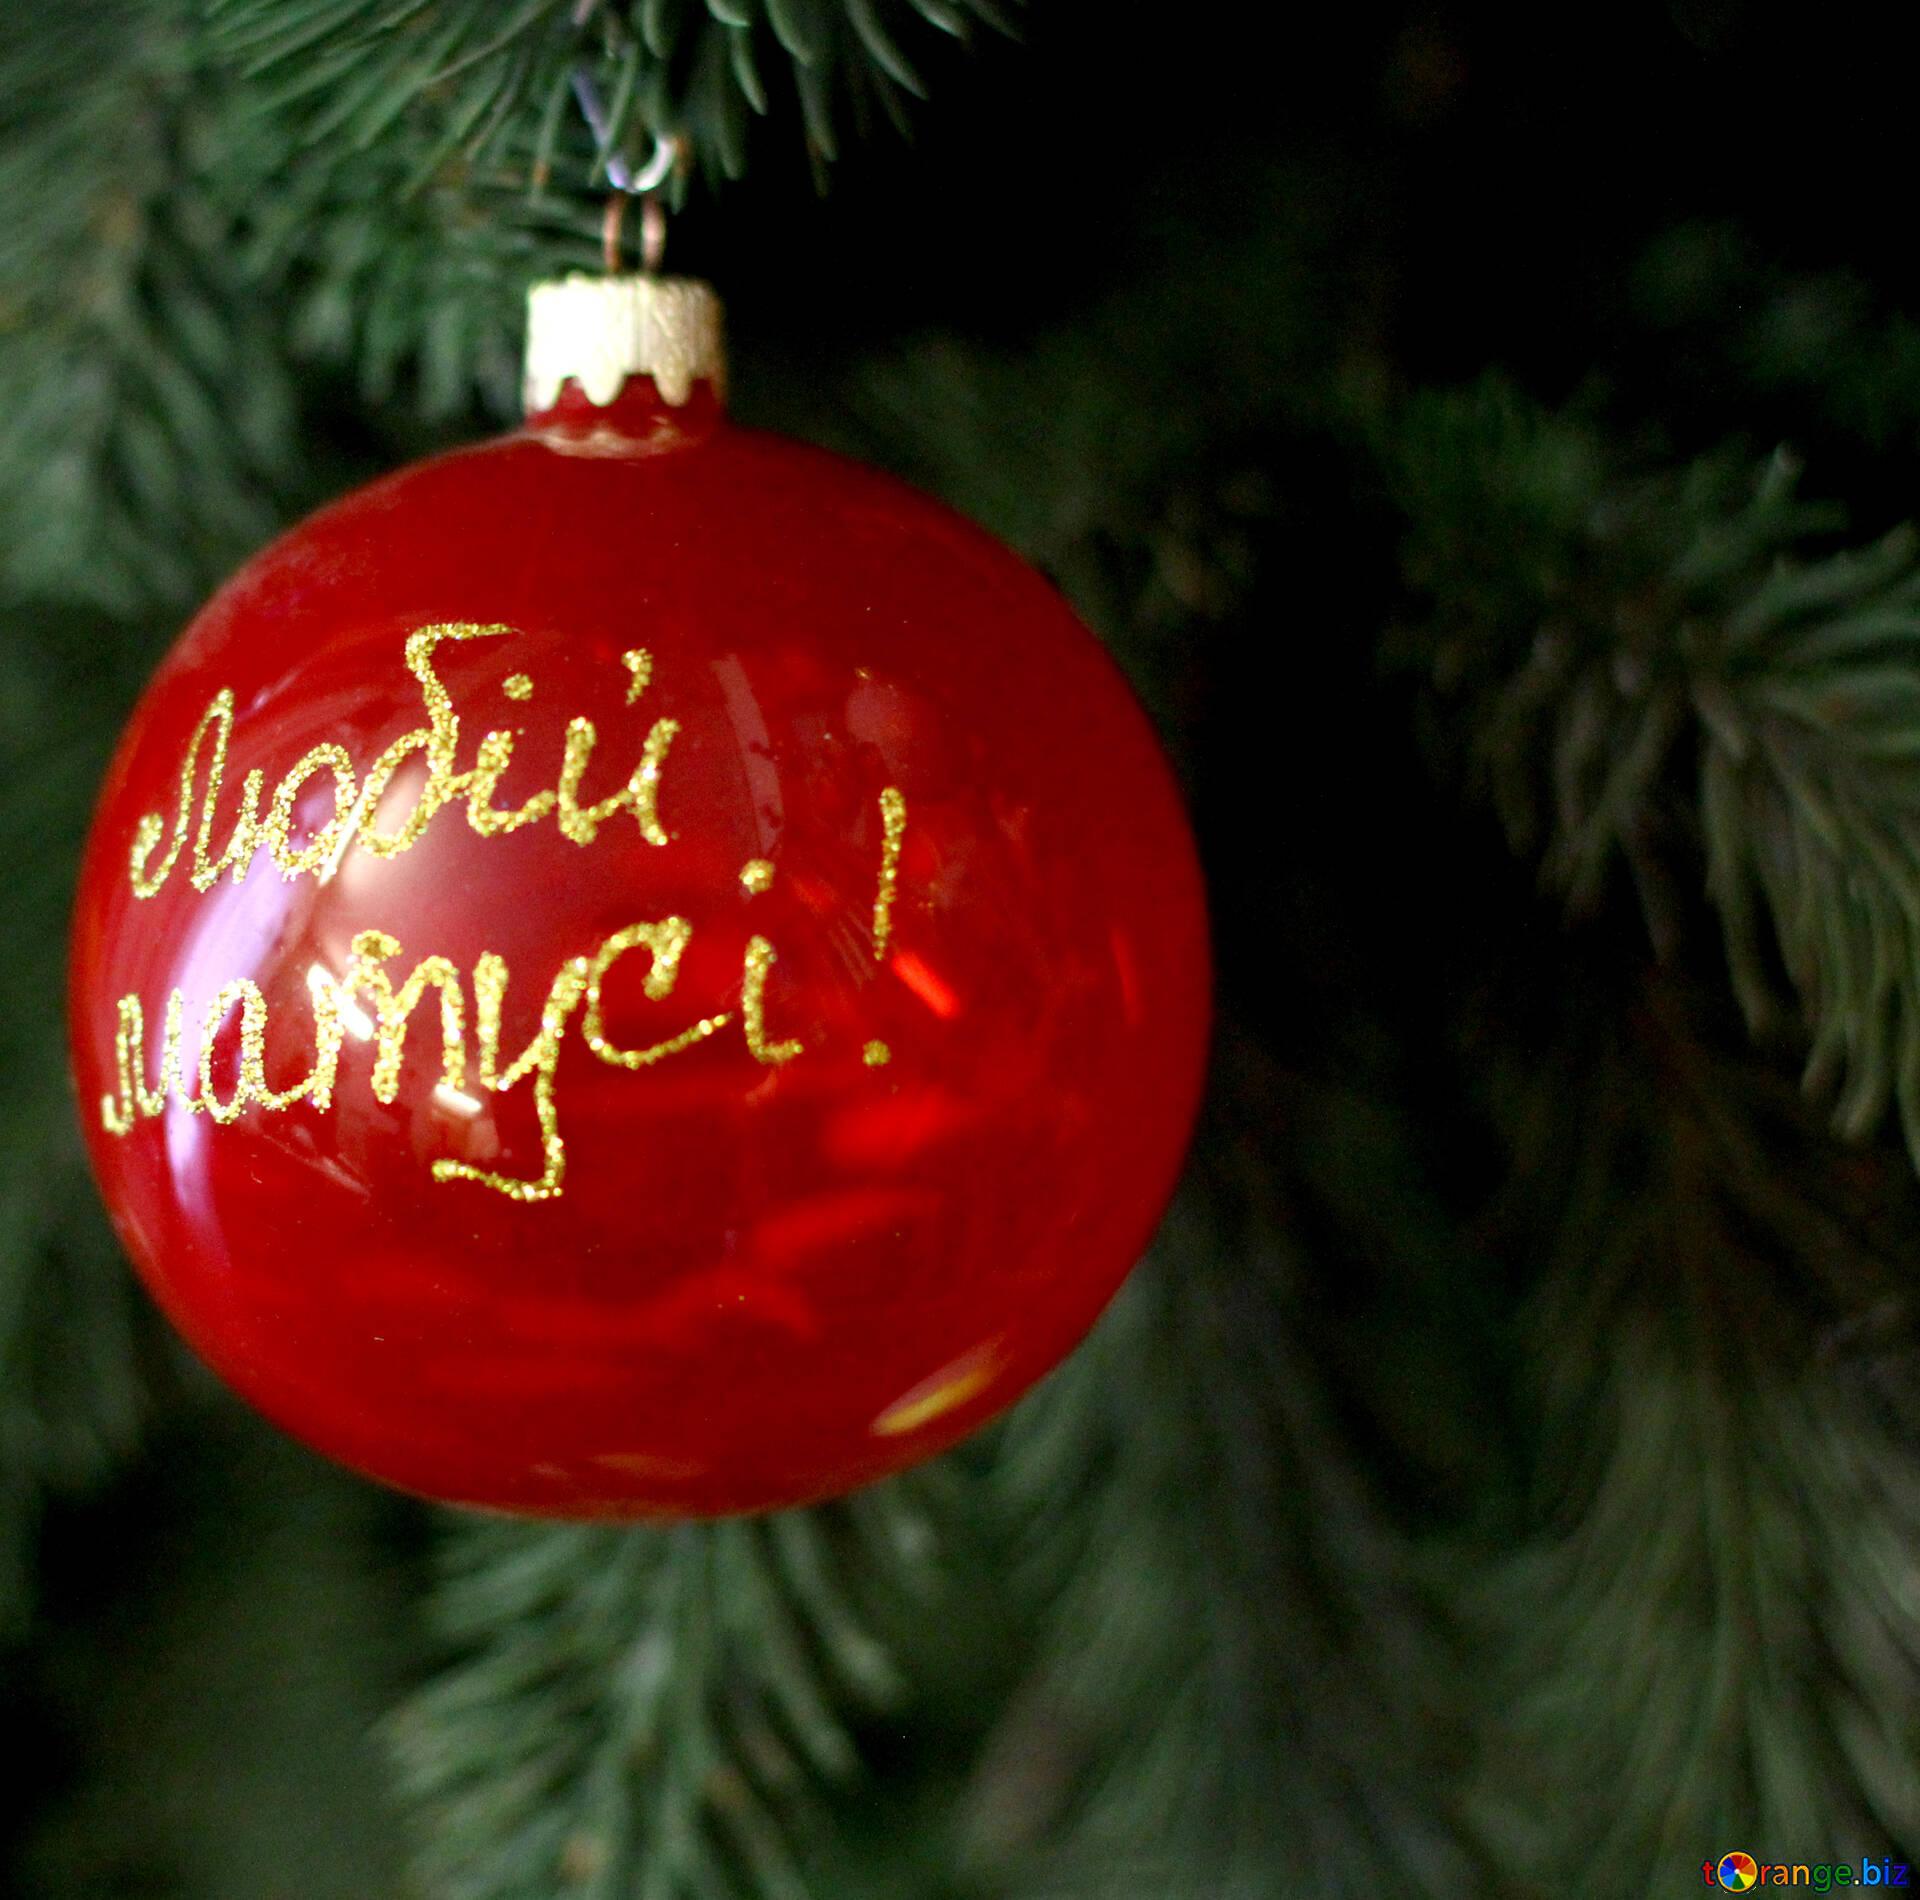 Addobbi Natalizi Handmade.Addobbi Natalizi Fatti A Mano Carta Di Congratulazioni Palla Di Natale Mestieri 49394